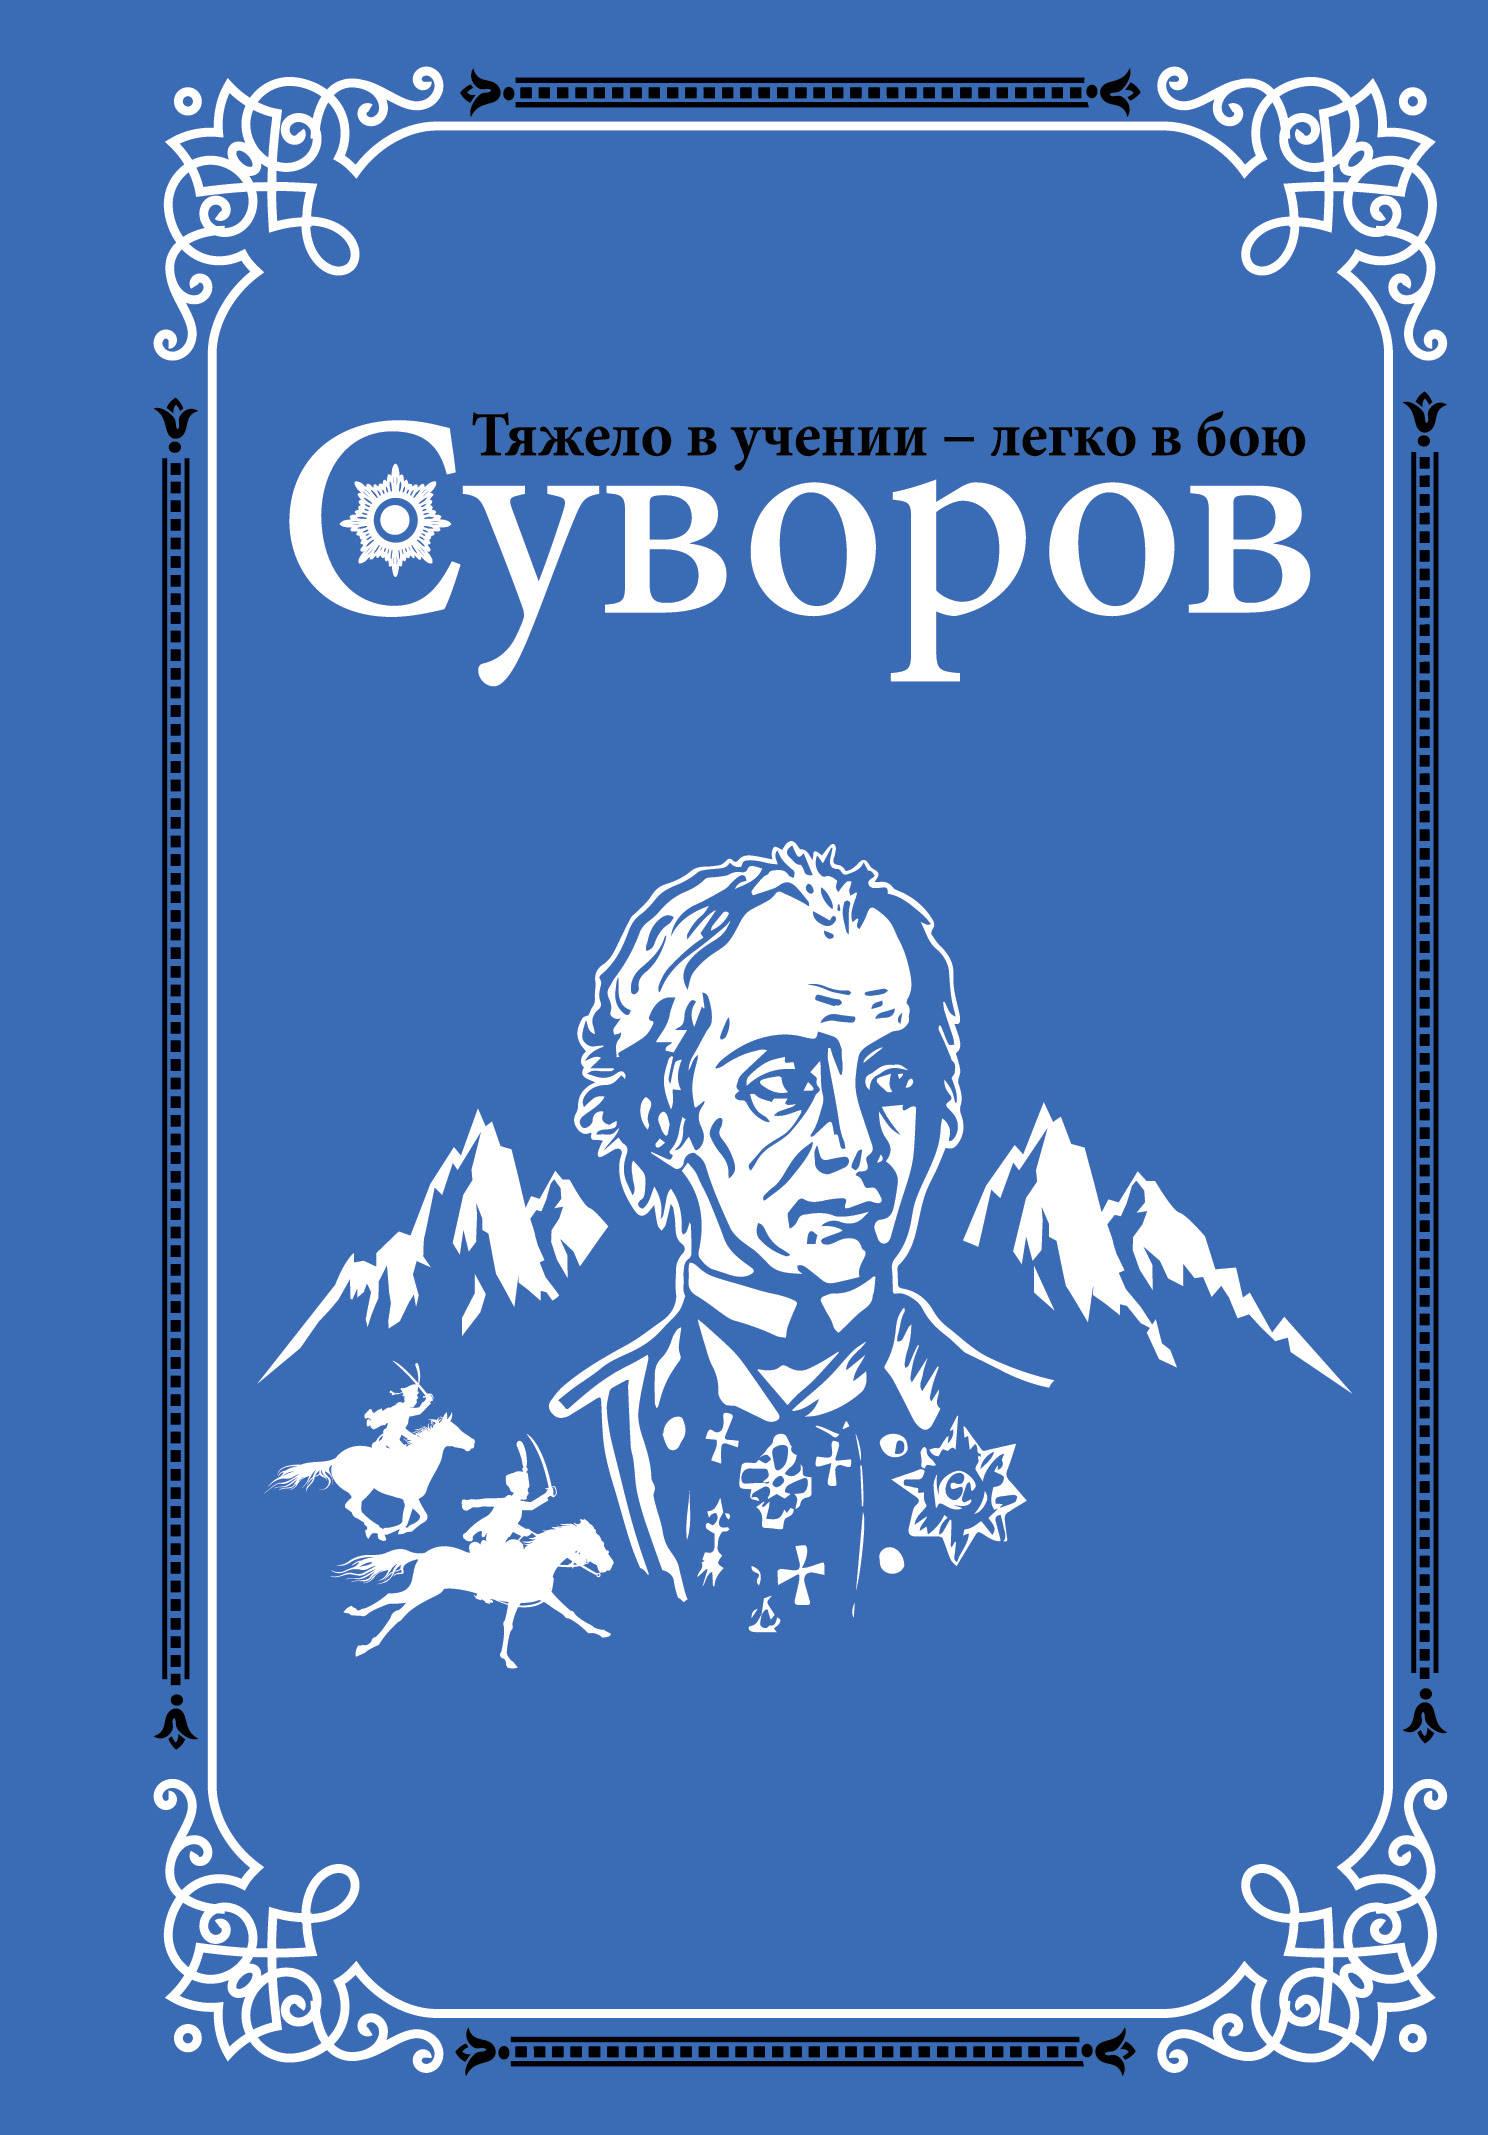 Олег Михайлов Суворов олег рябов когиз записки на полях эпохи